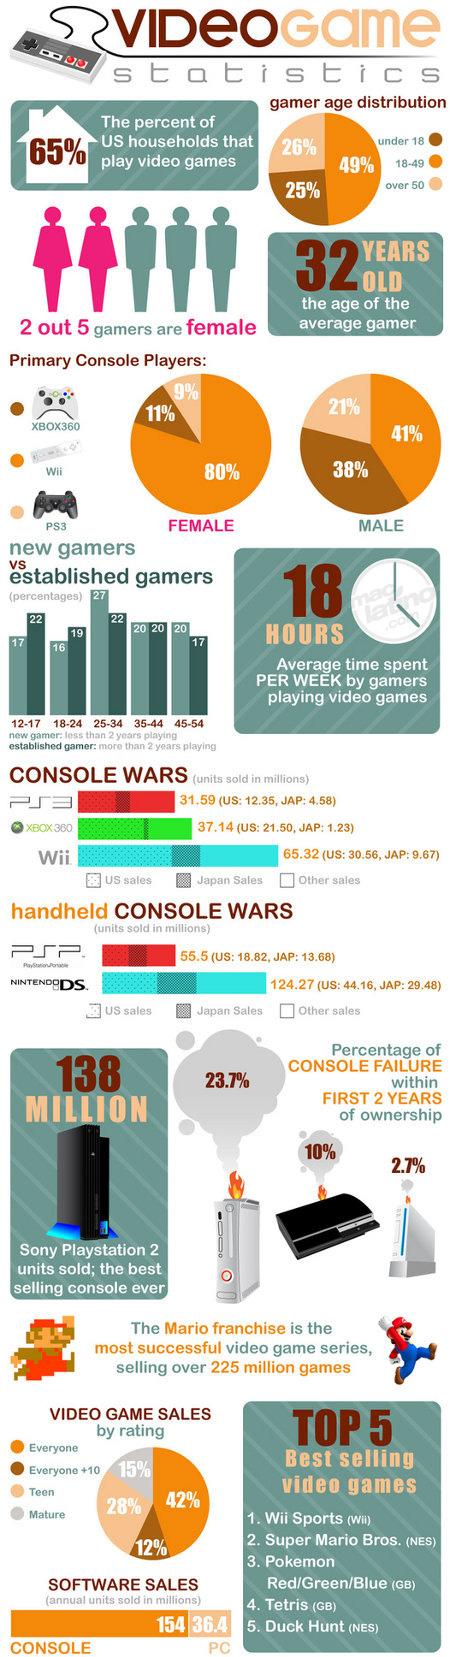 Interesantes estadísticas acerca del mundo de los videojuegos 1